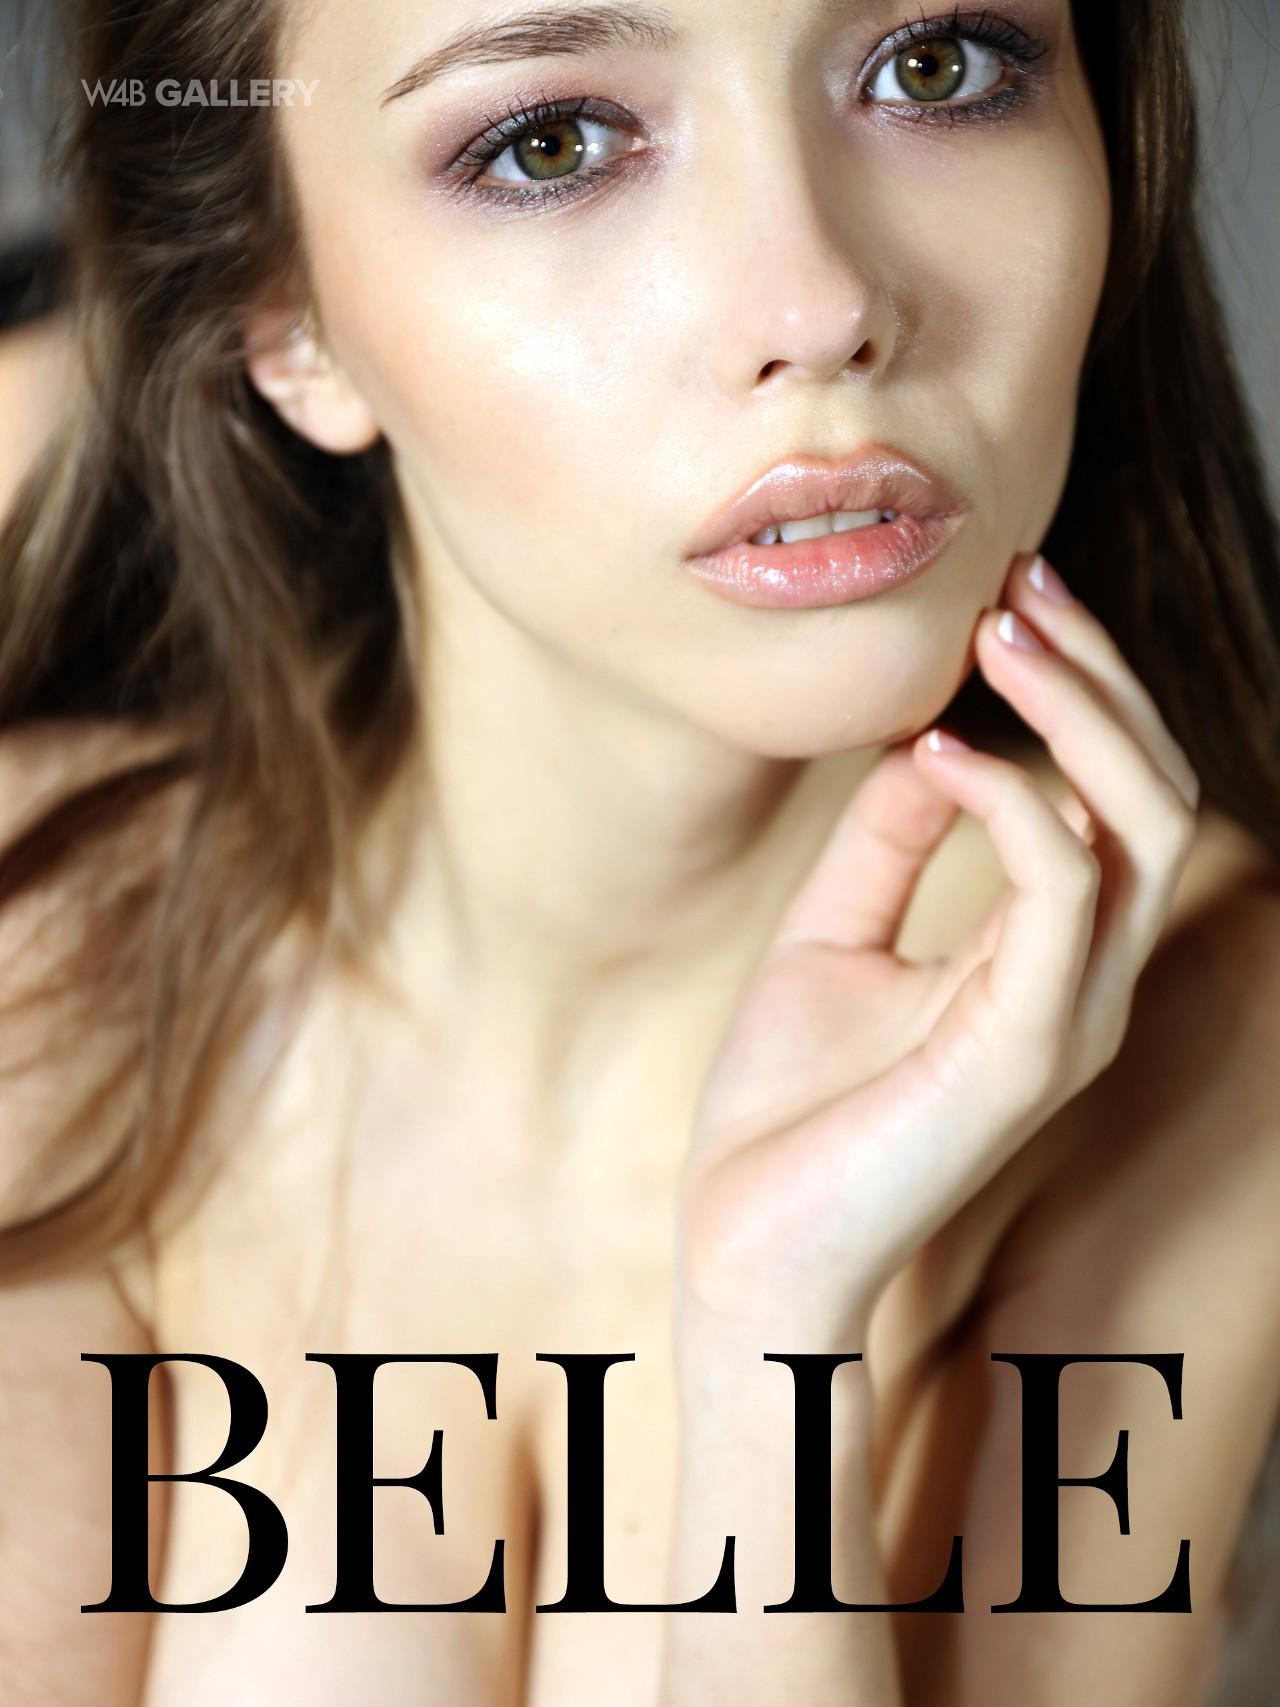 Milla: Belle